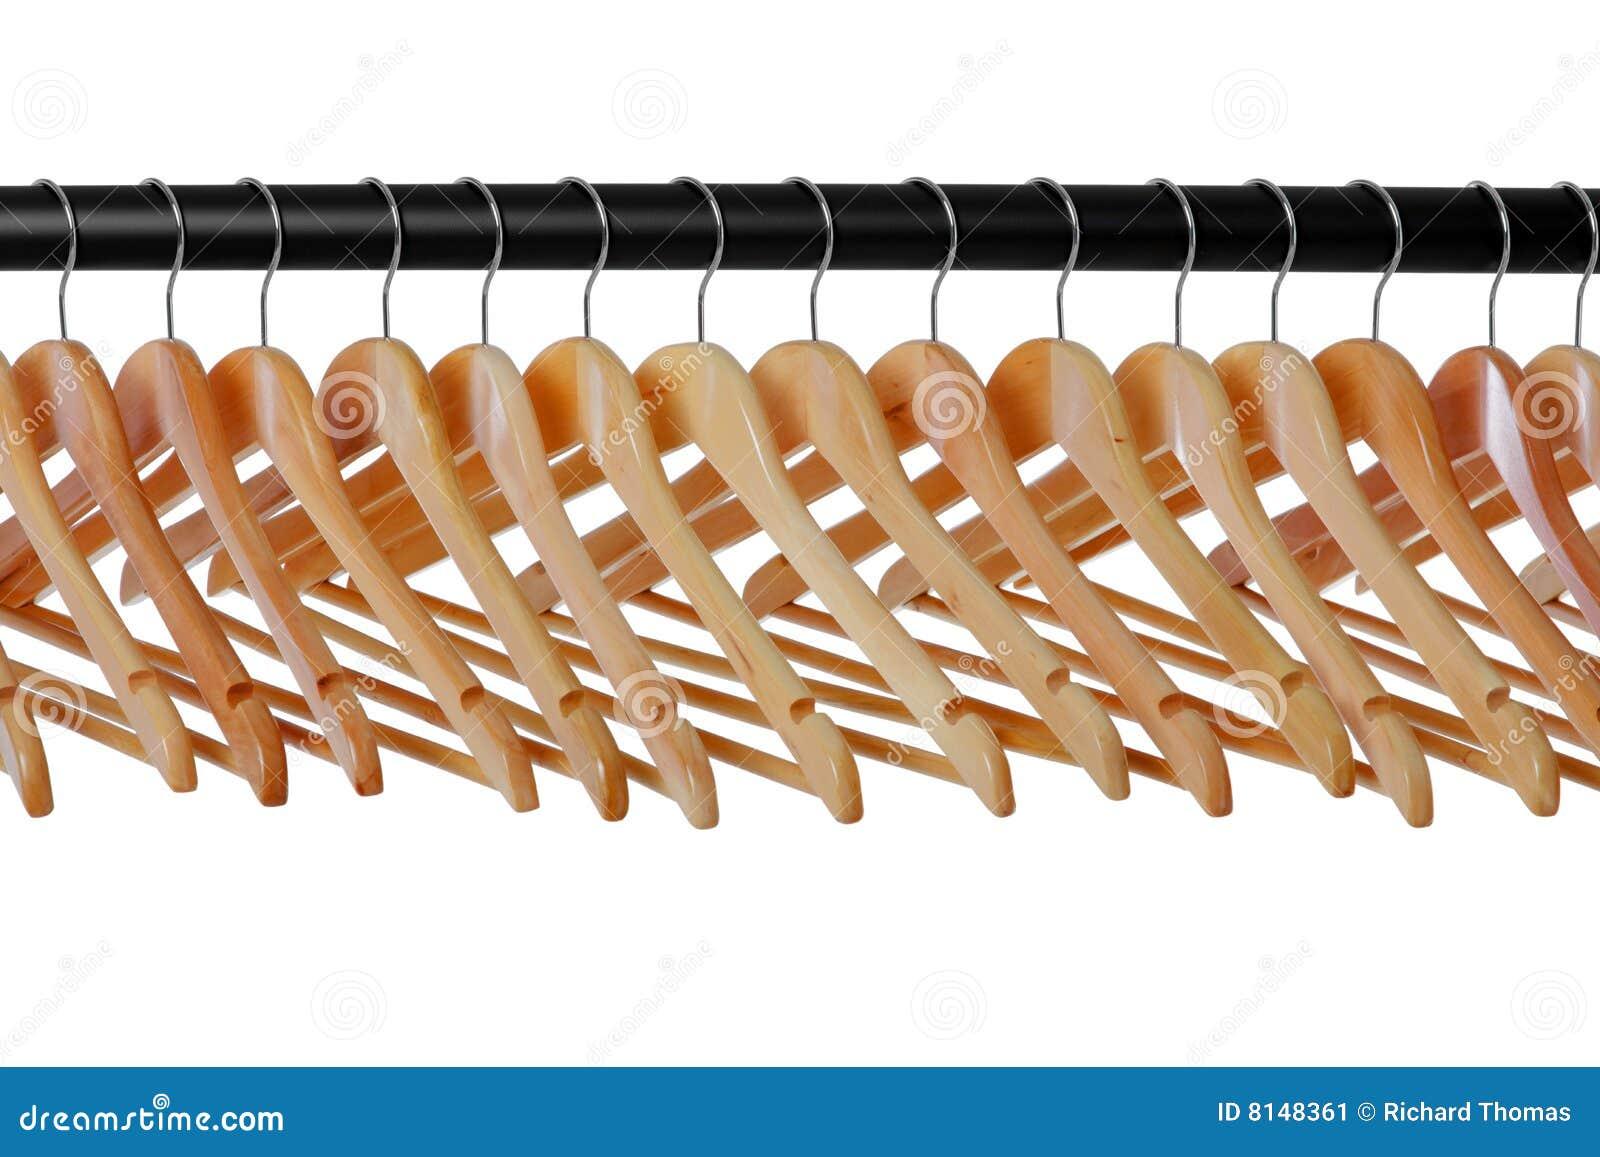 вешалки пальто прокладывают рельсы деревянное